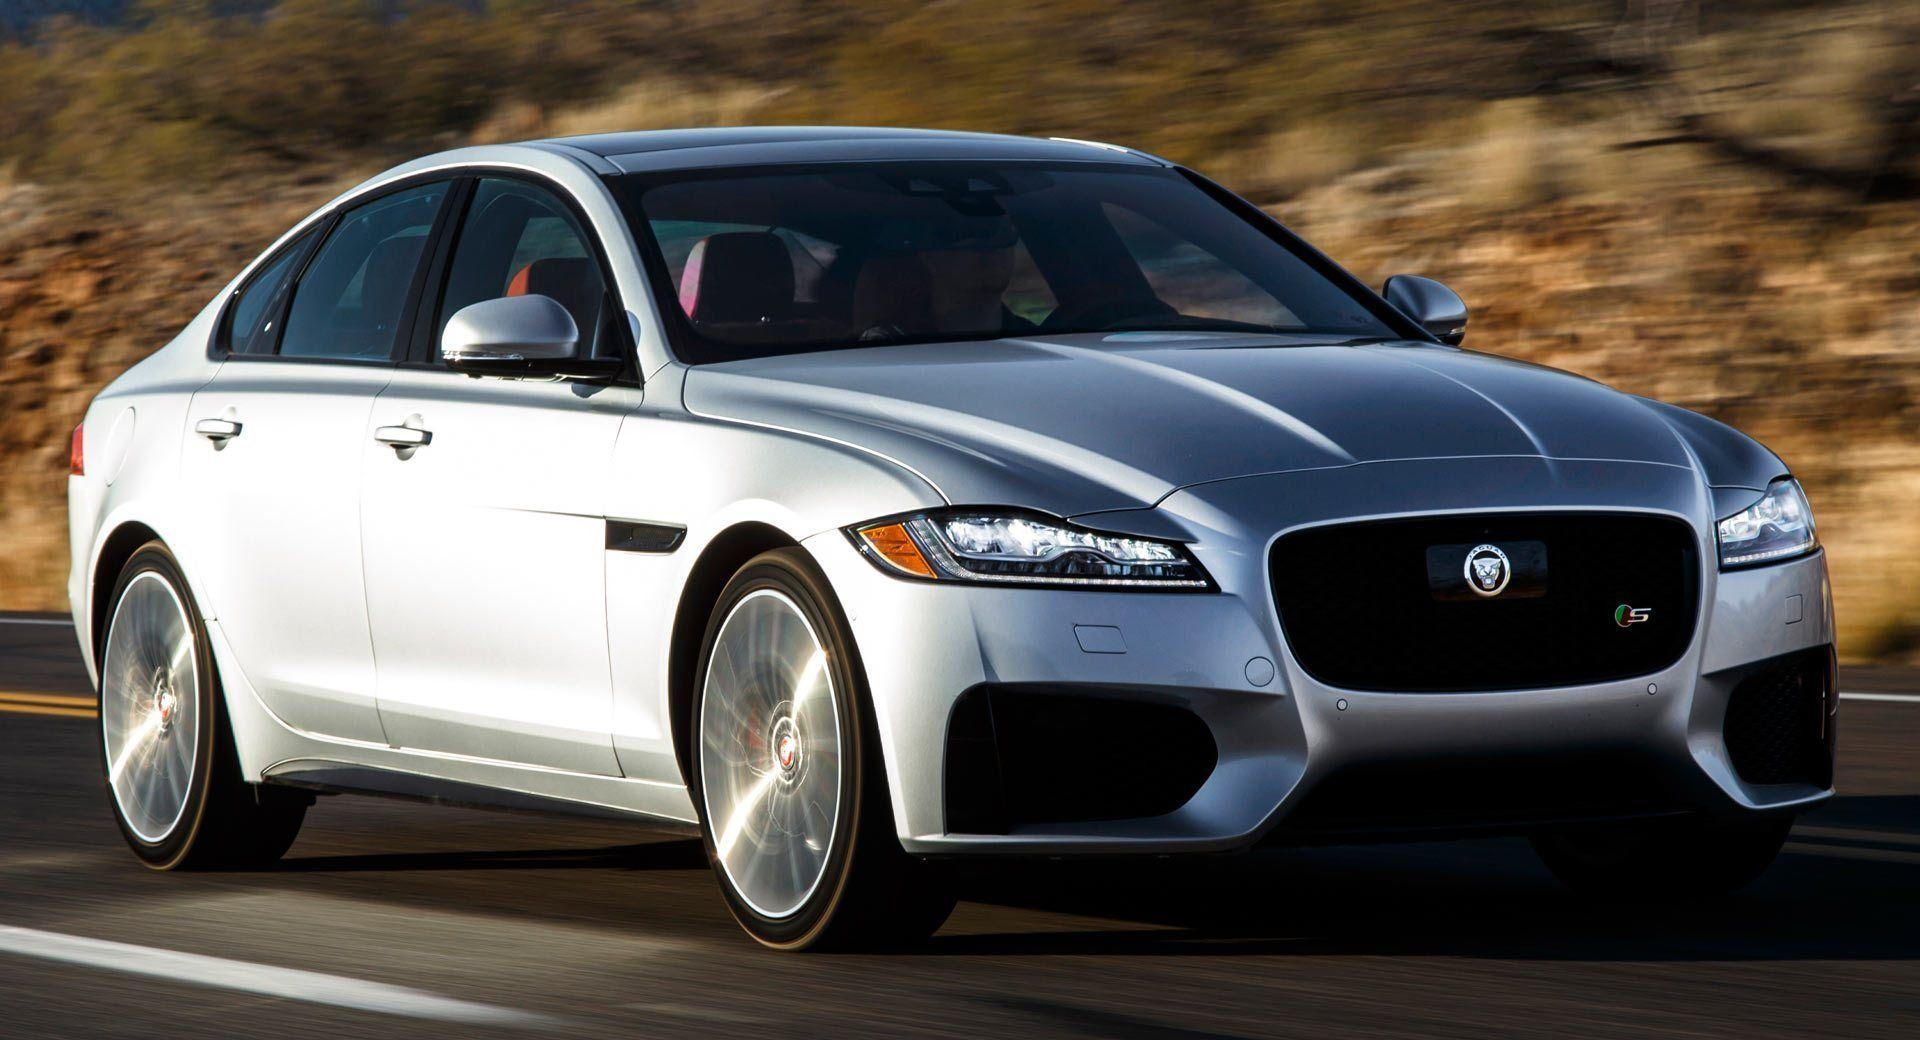 2021 all jaguar xe sedan wallpaper in 2020 | jaguar xe